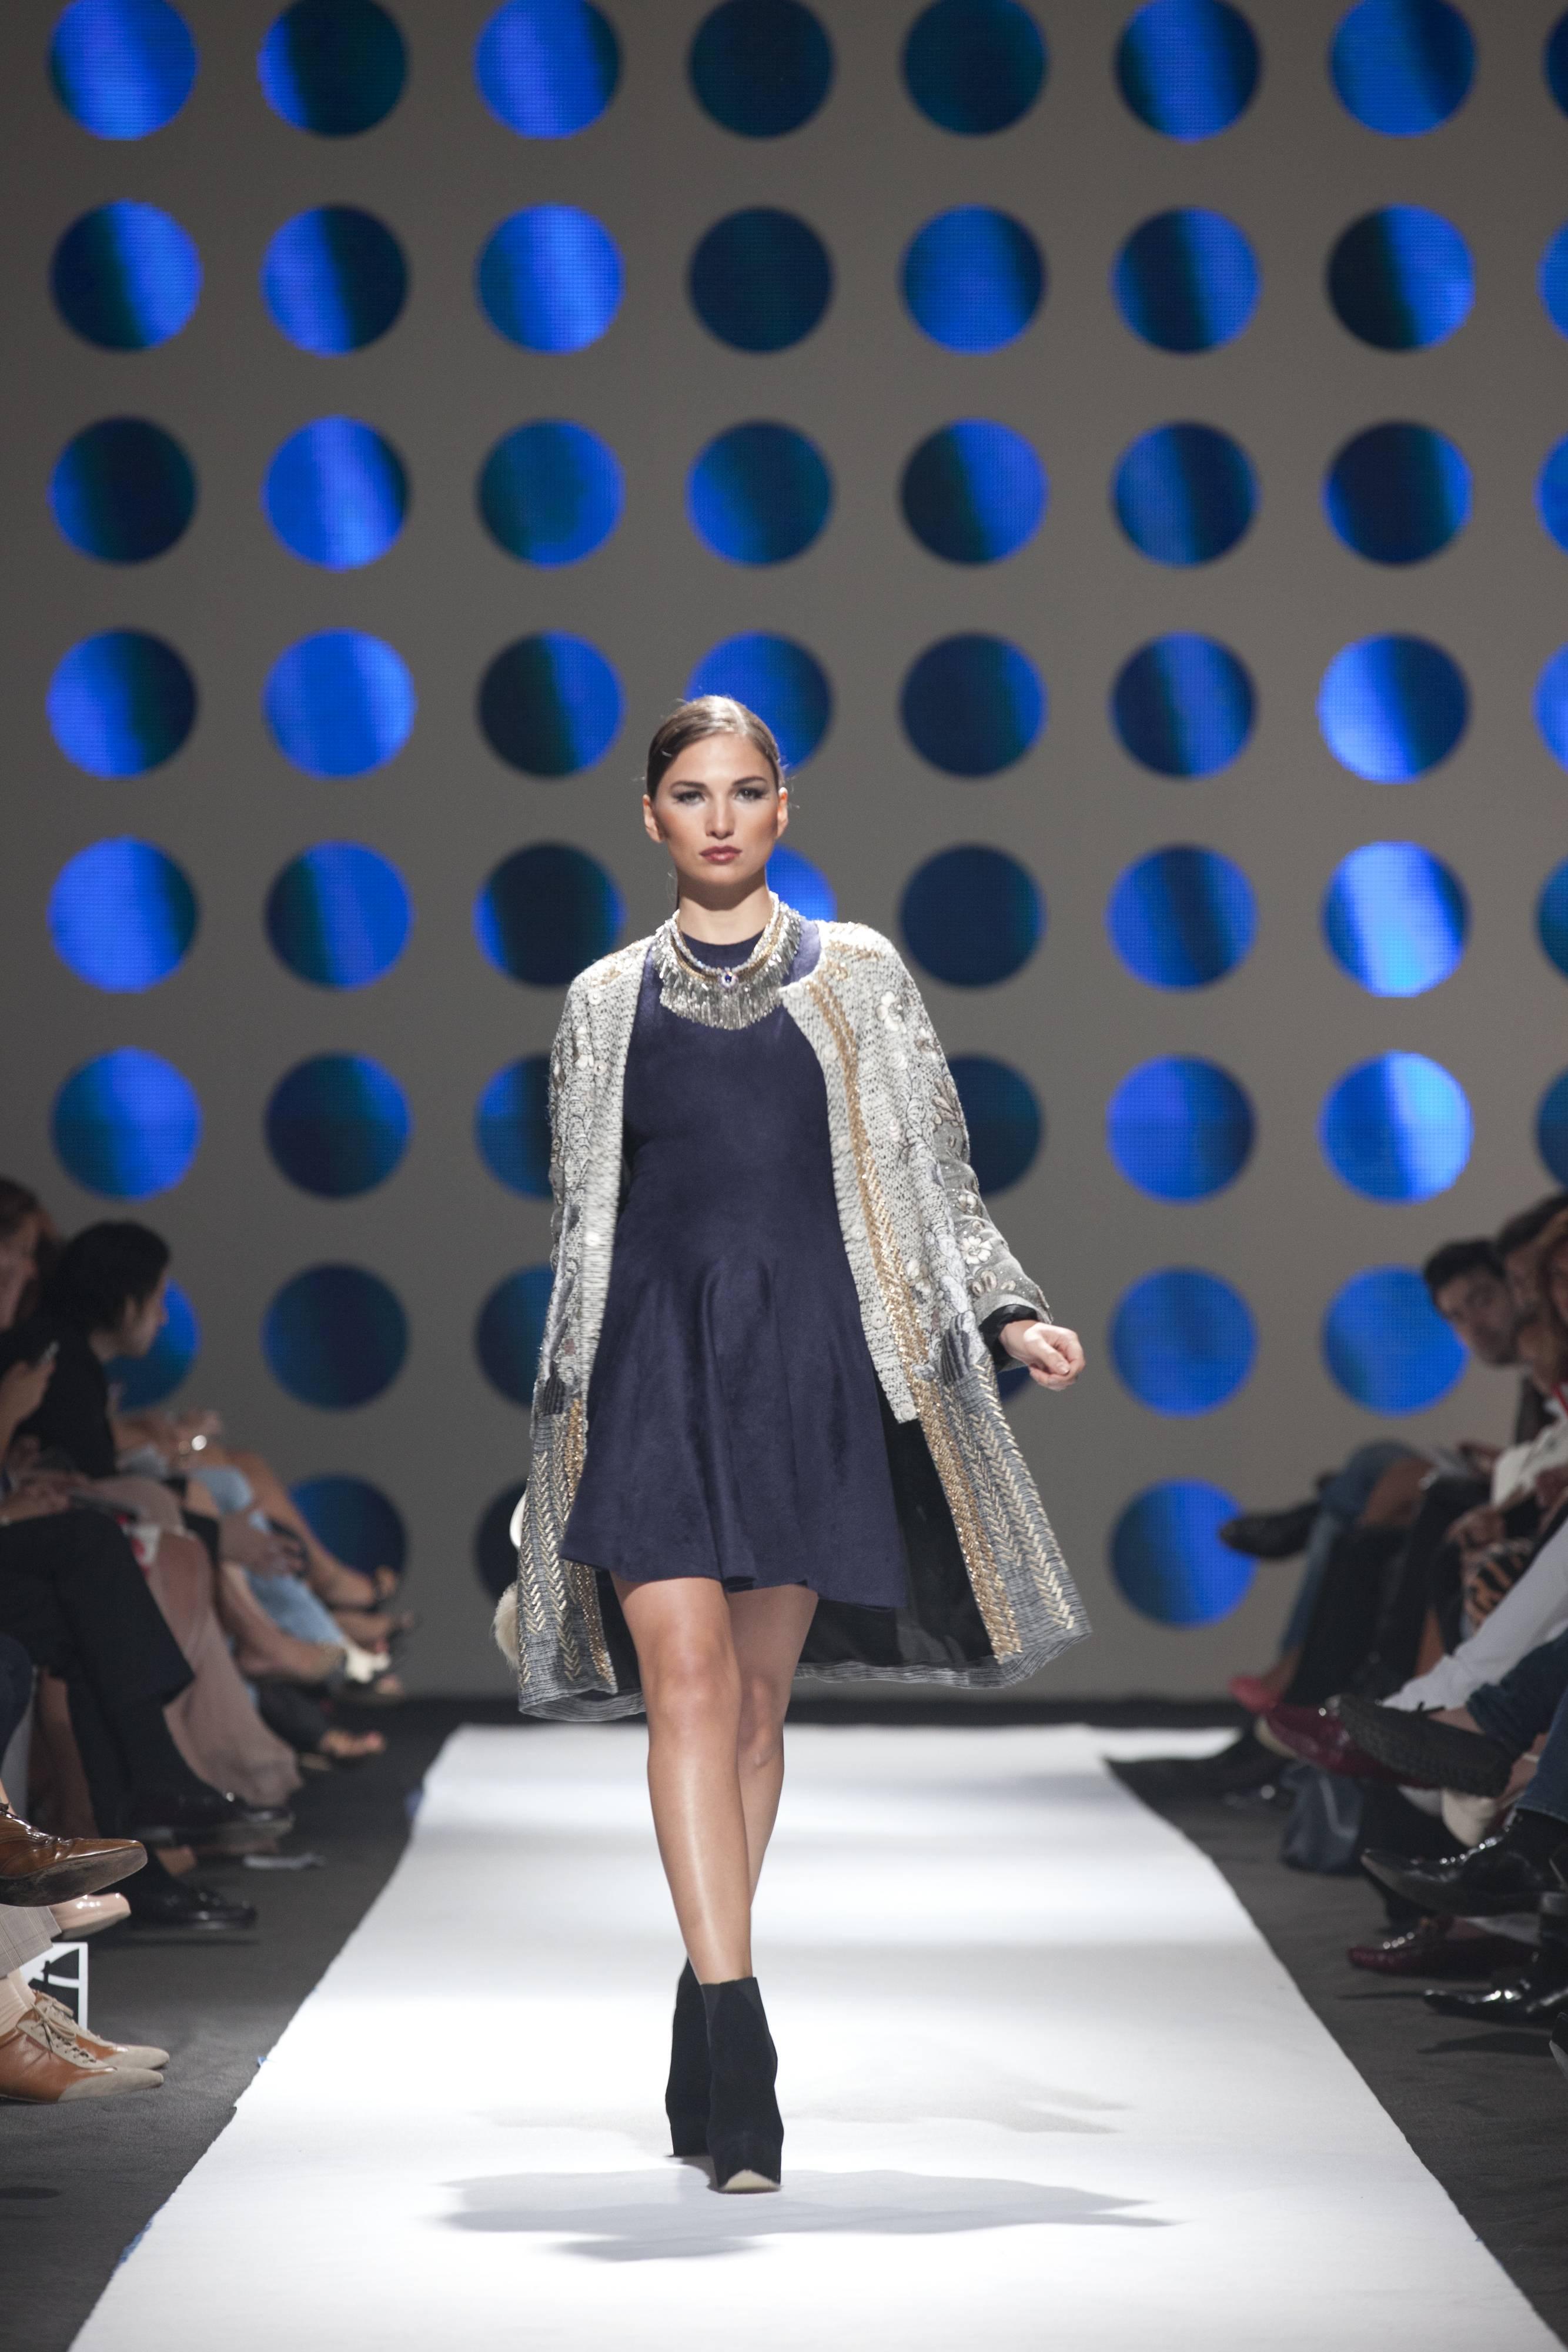 saks fifth avenue fashion show 2012 fall winter dubai